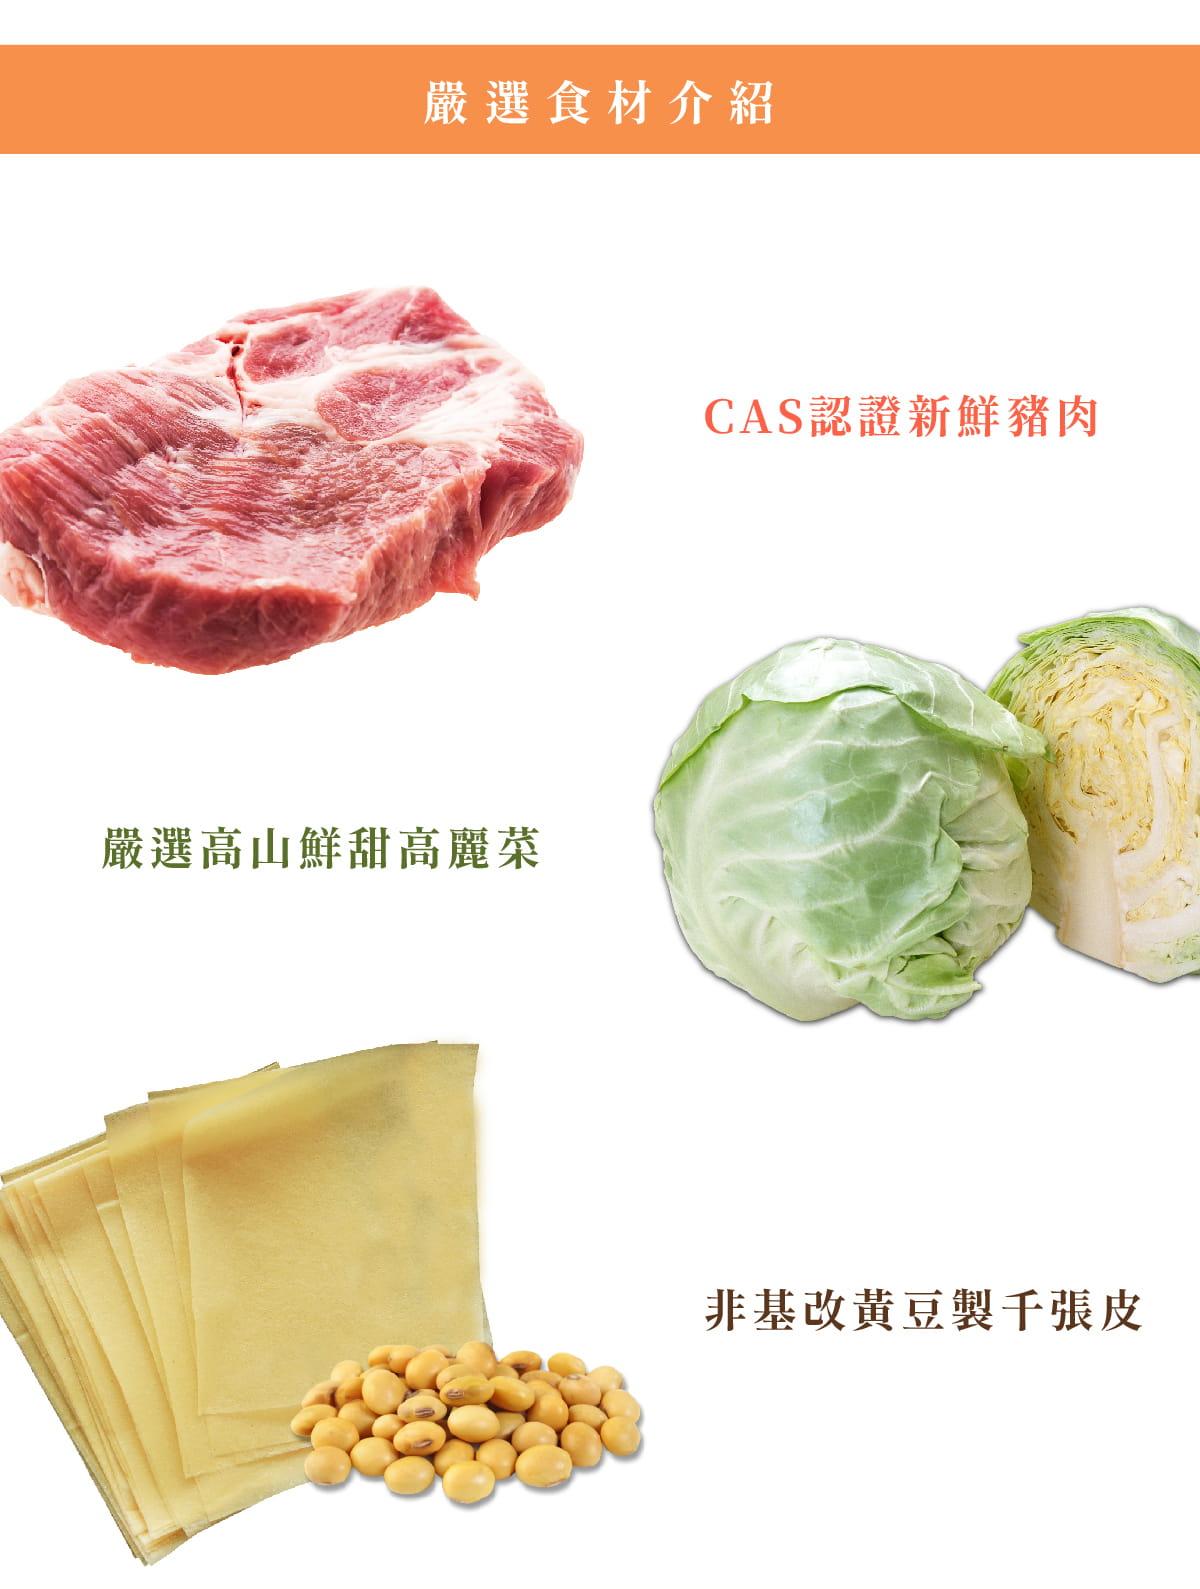 【原味時代】低醣千張餃-高麗菜蝦仁(16粒一盒) 3